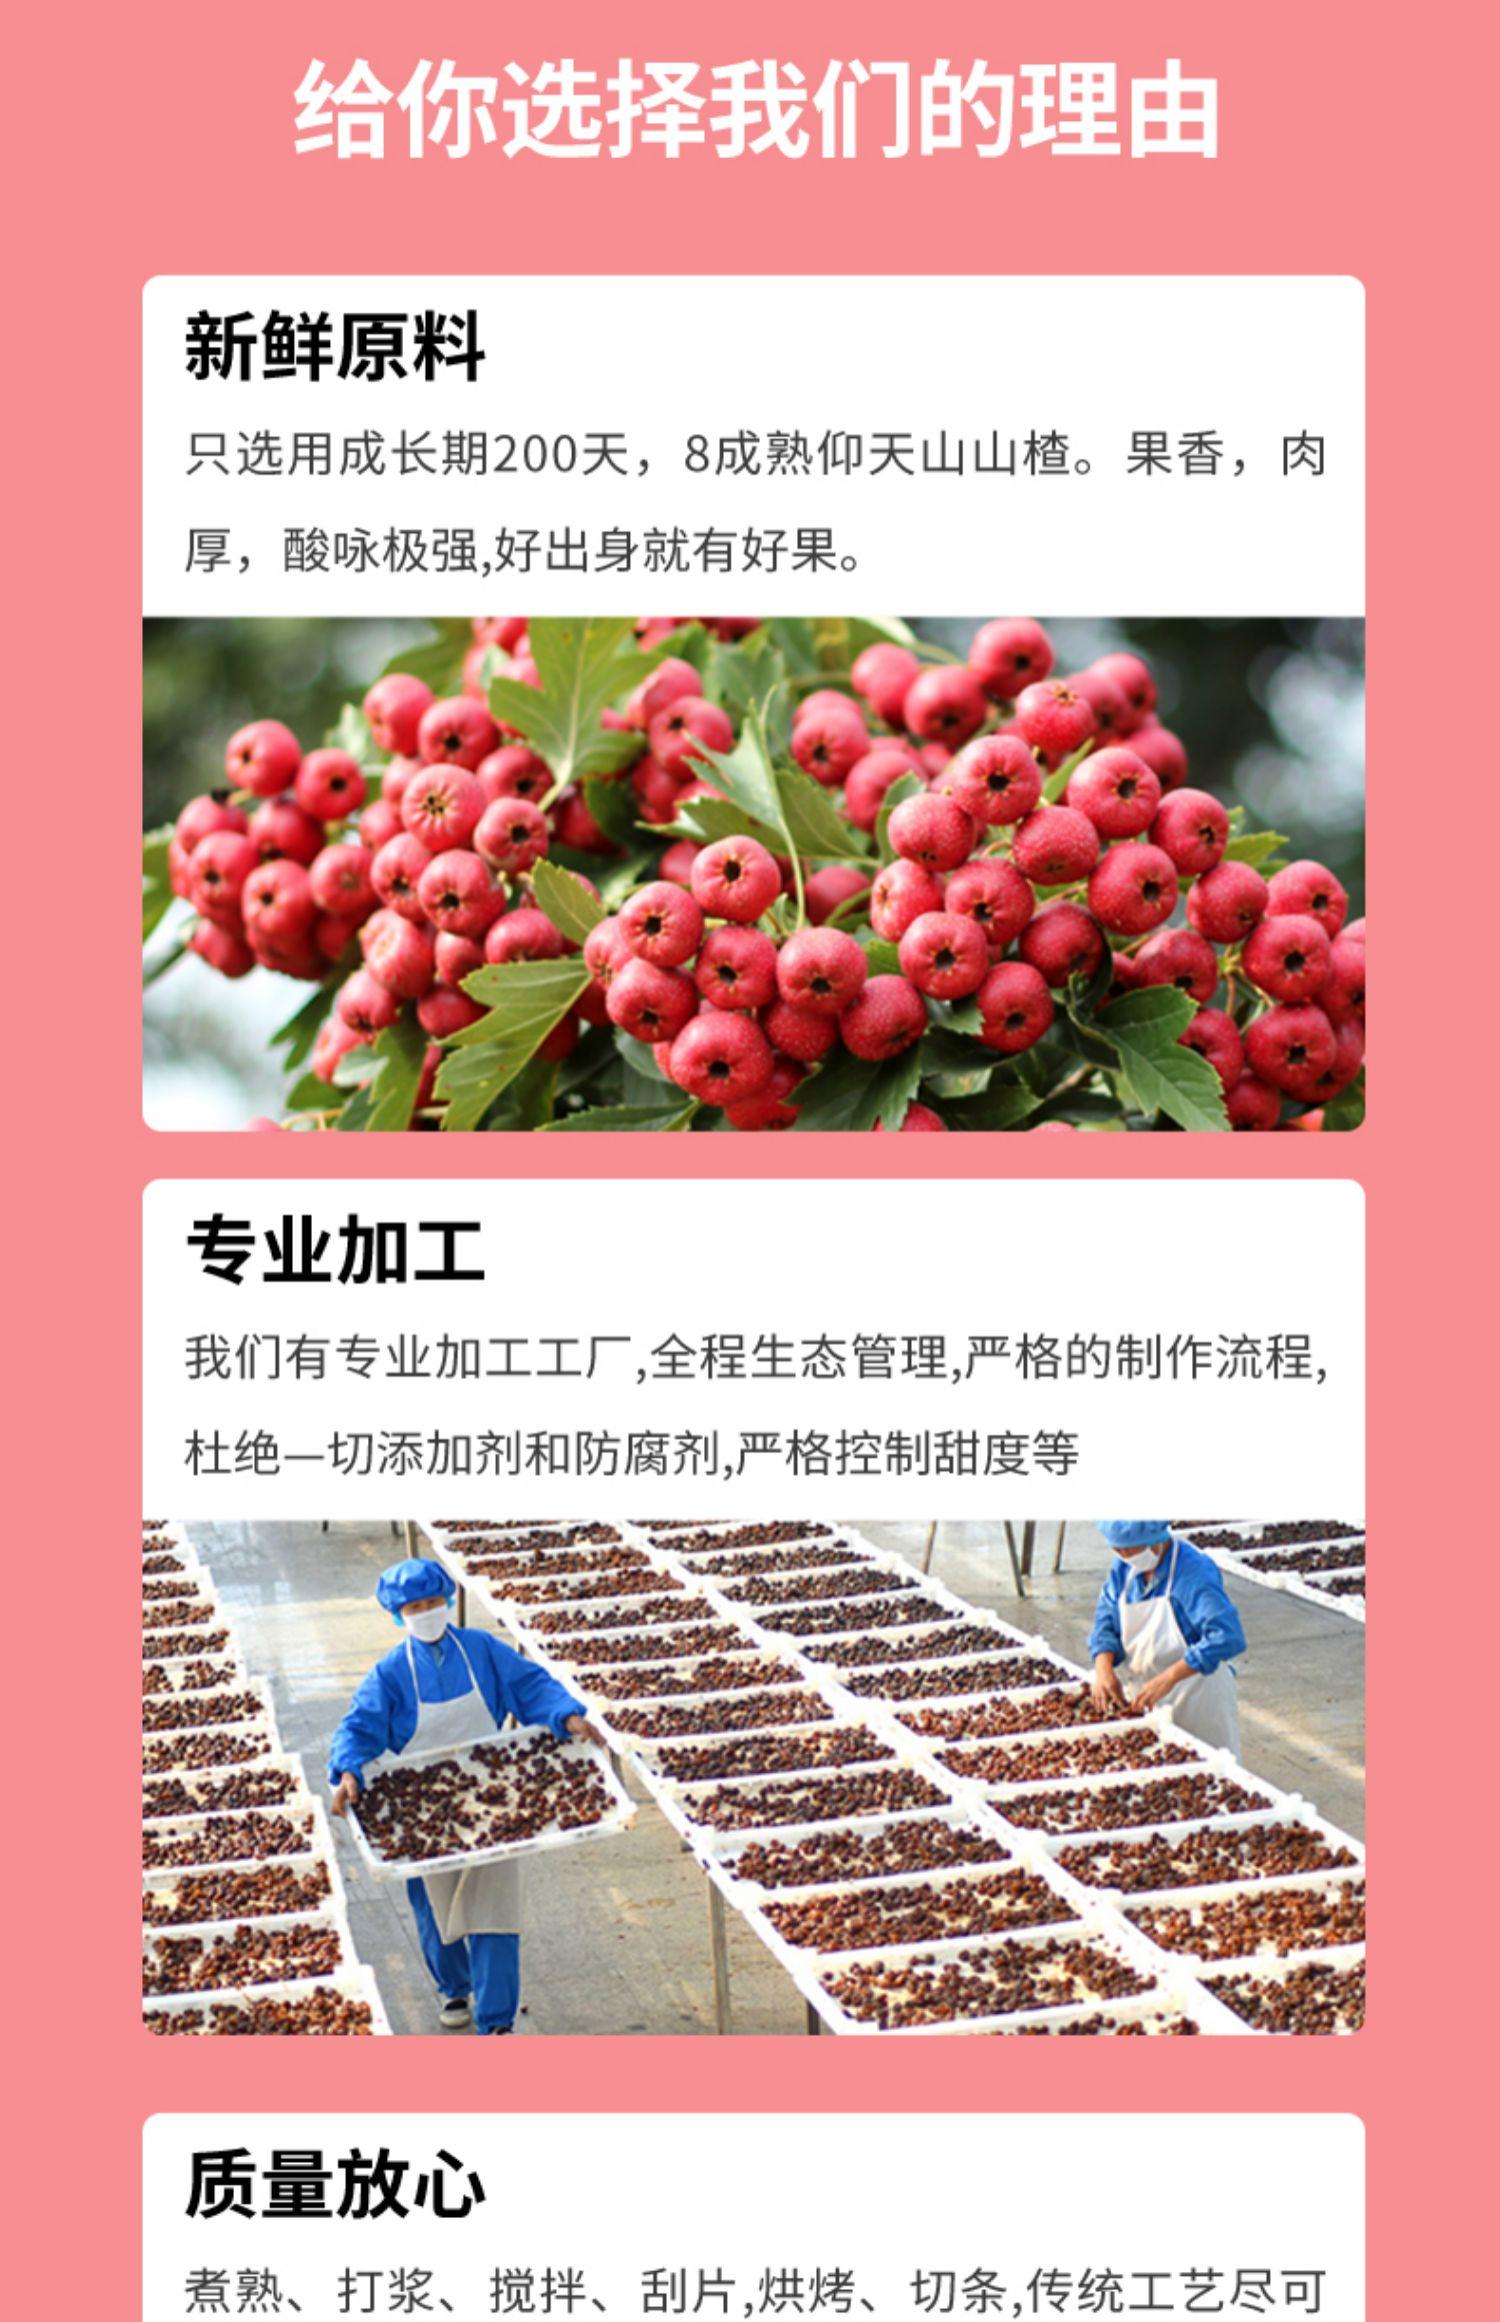 【拍3件仅9.9】国丰陈皮酵素山楂零食